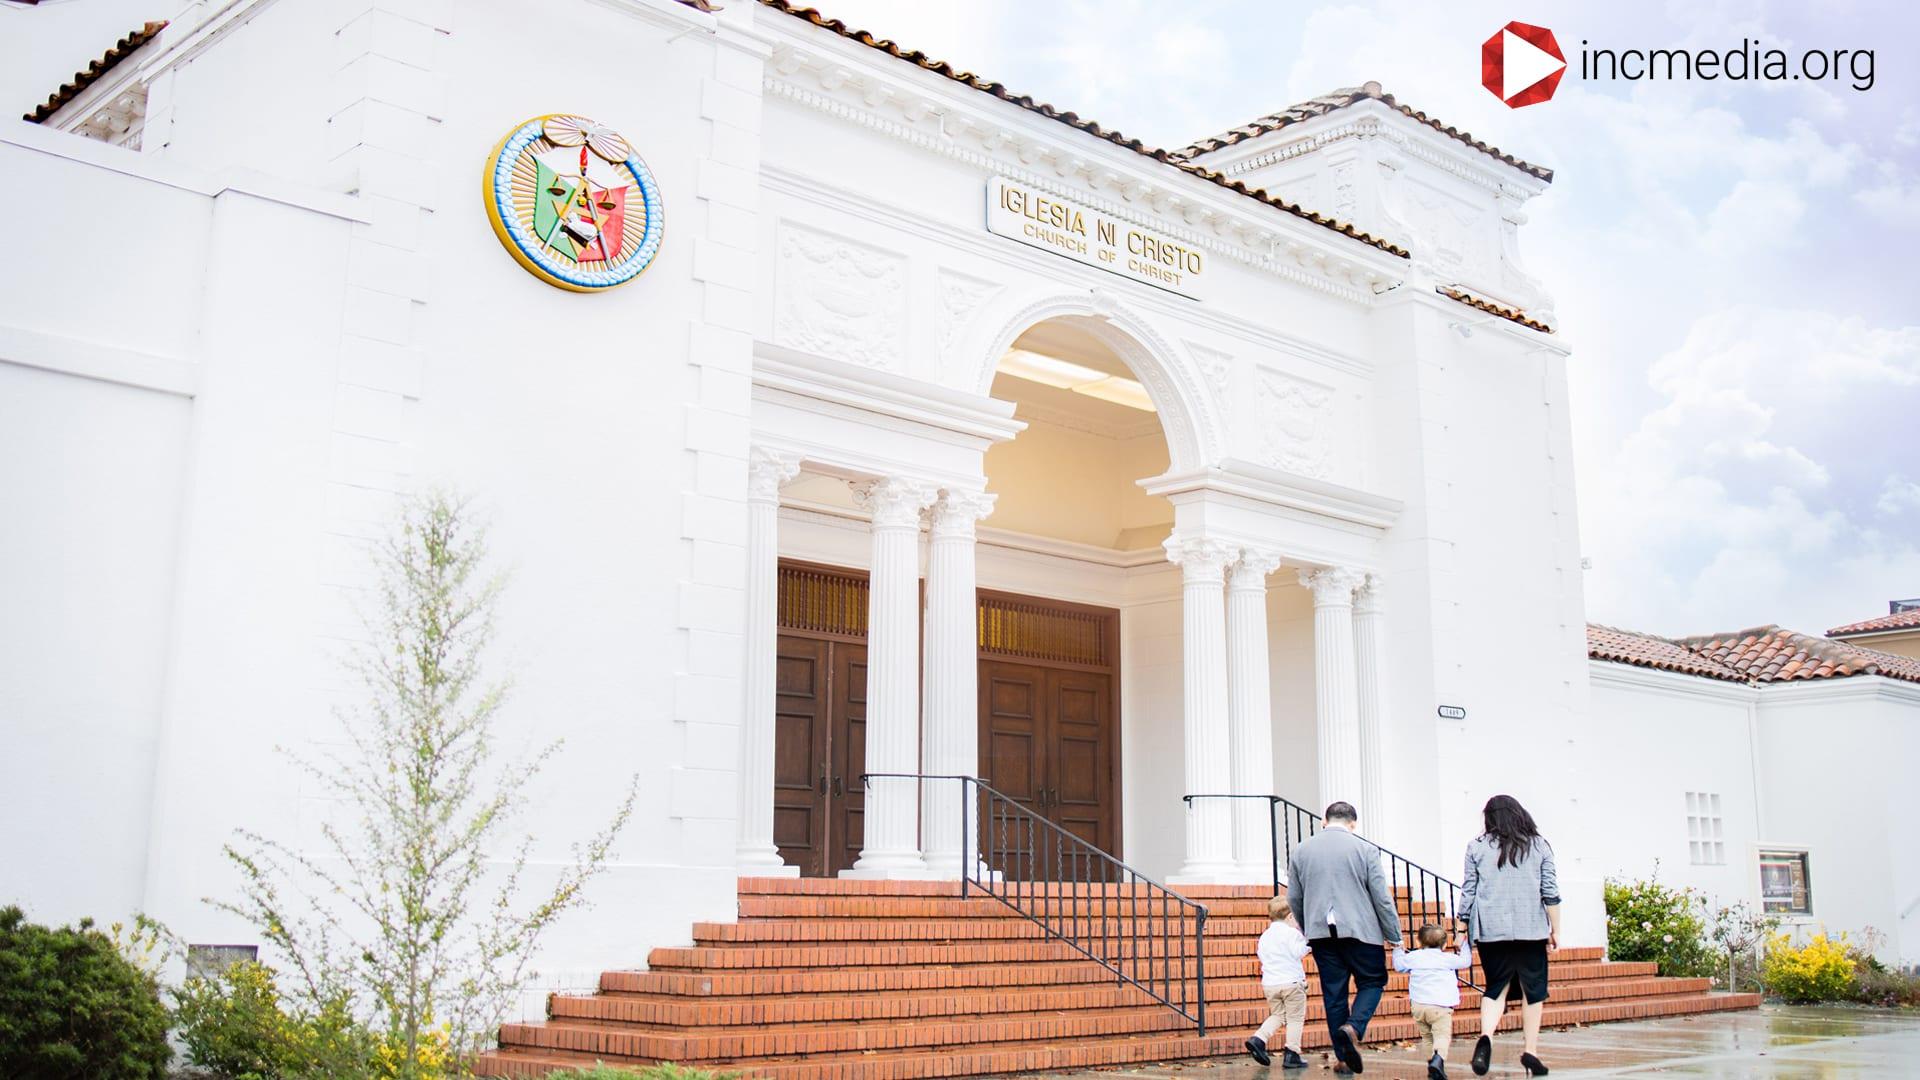 A family walking into a Iglesia Ni Cristo house of worship.